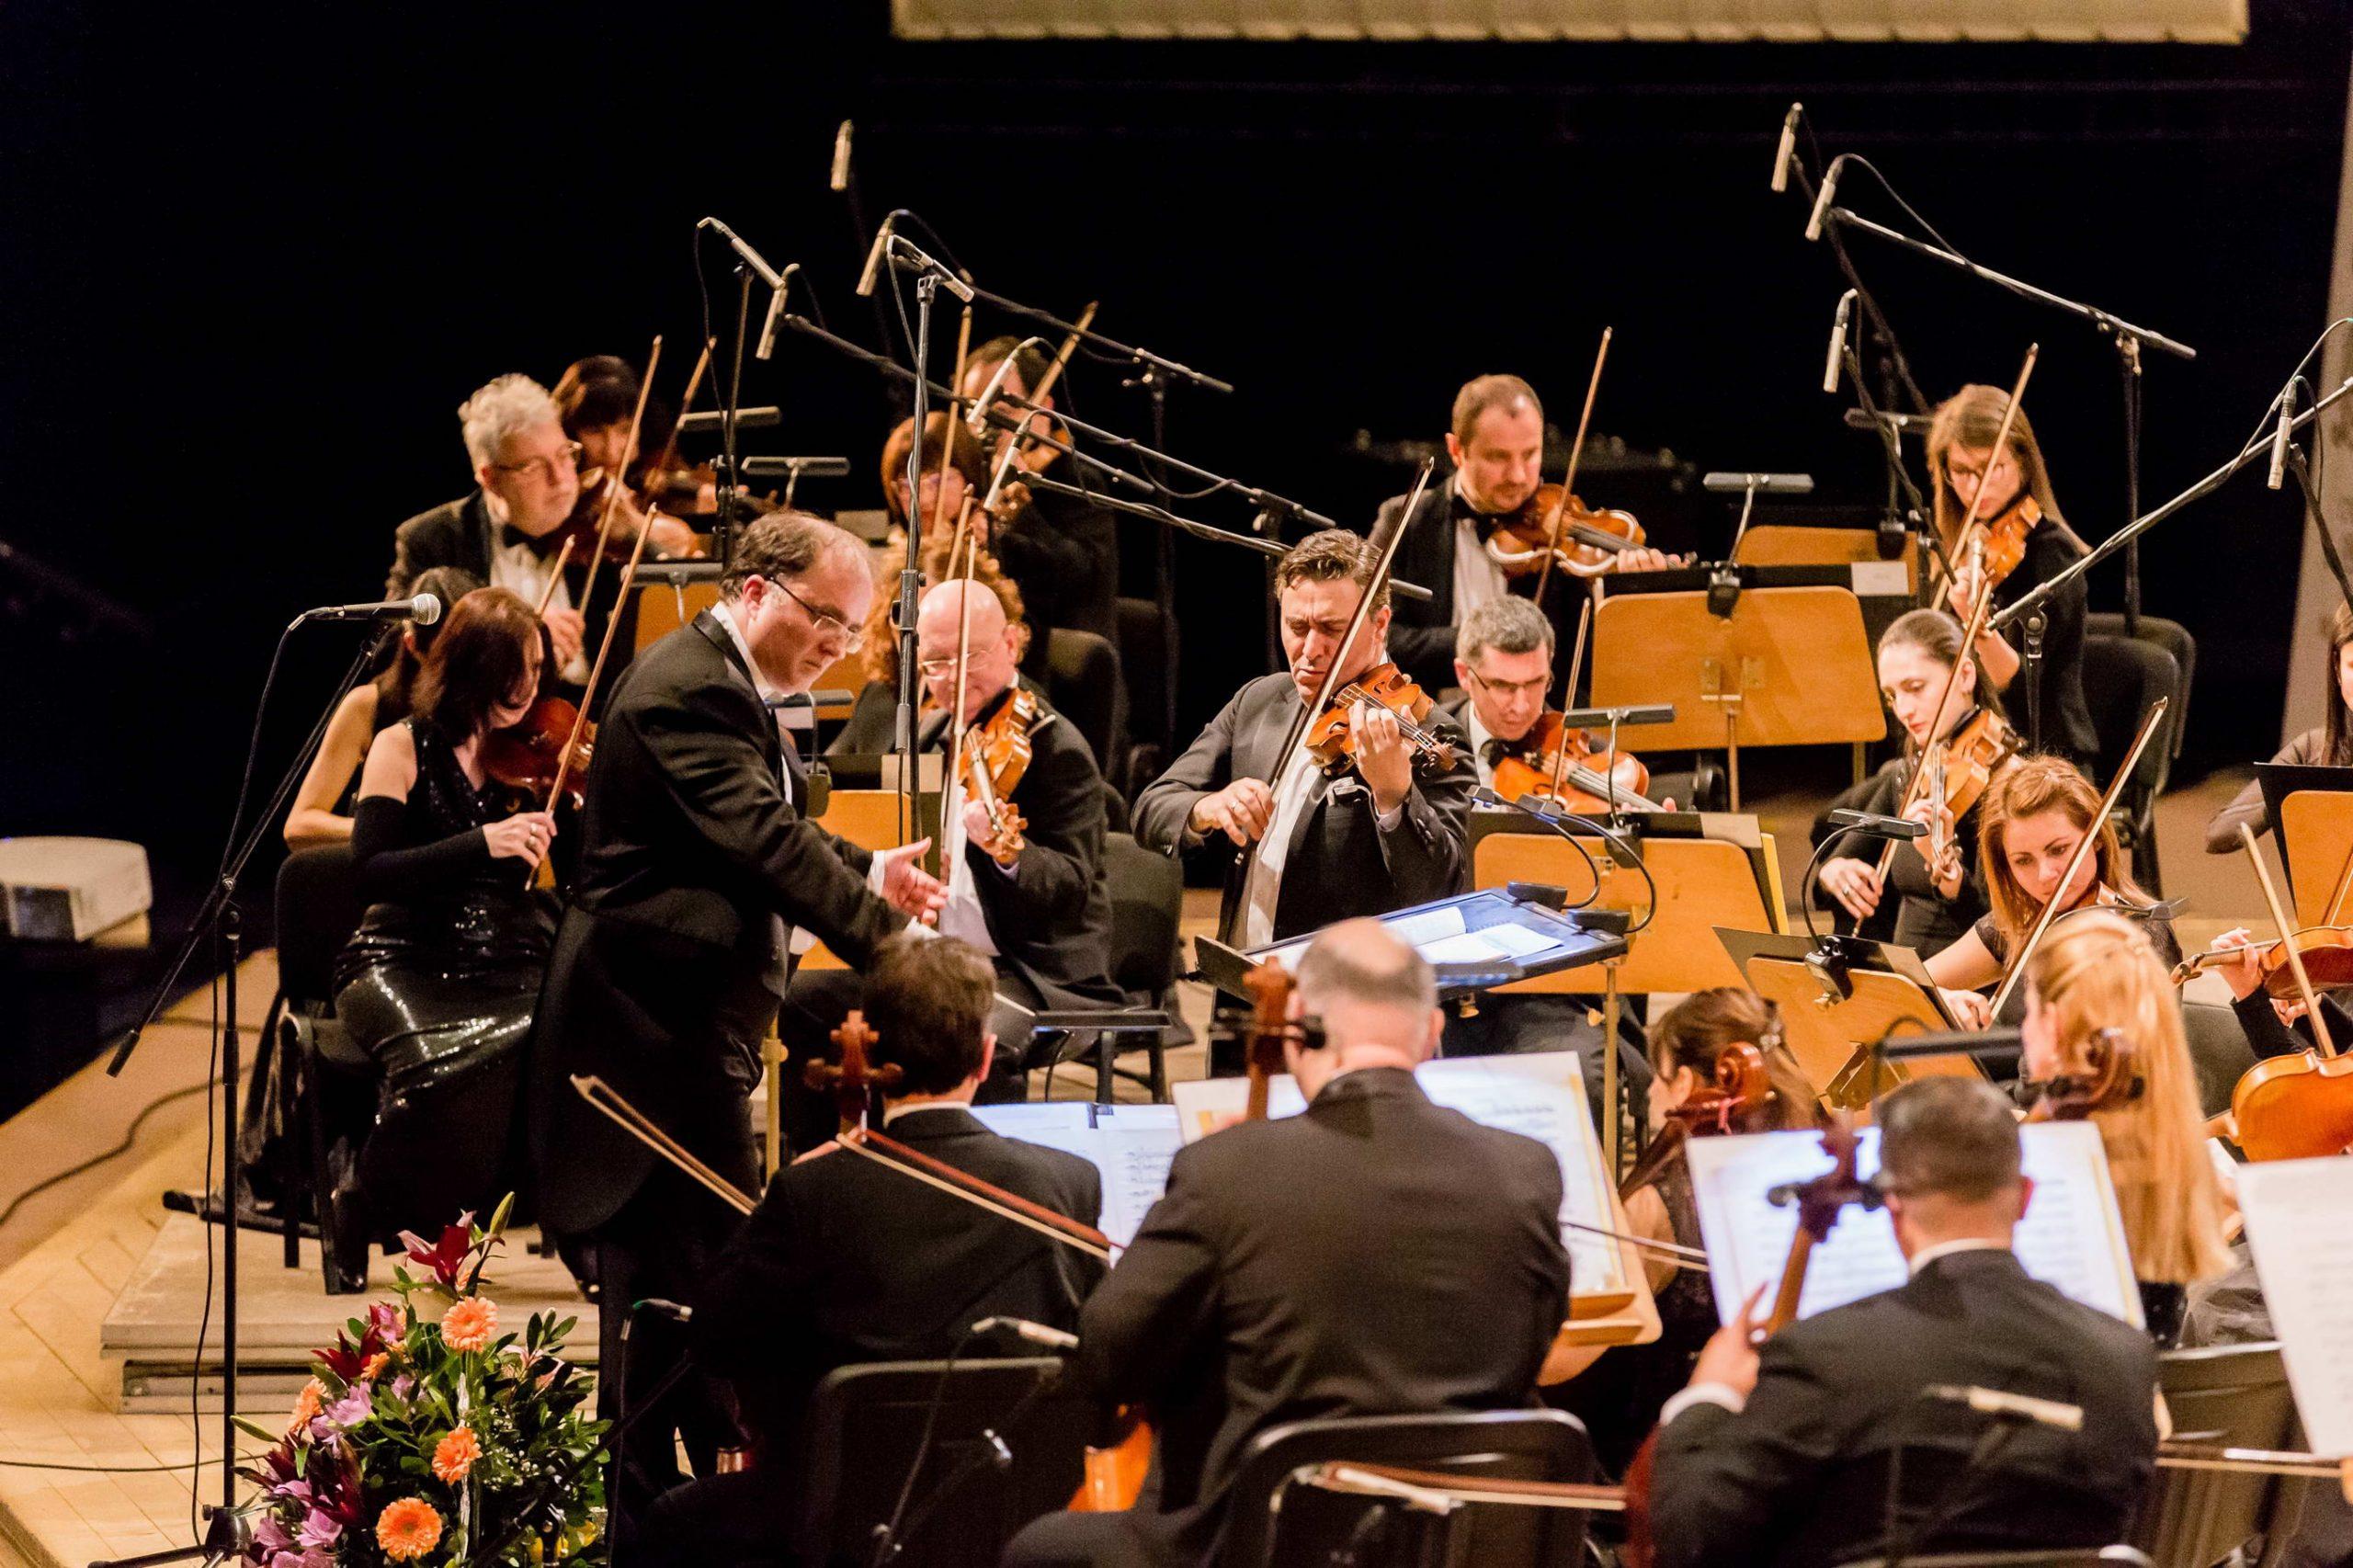 Софийската филхармония пуска билети за генералната репетиция на Максим Венгеров 139